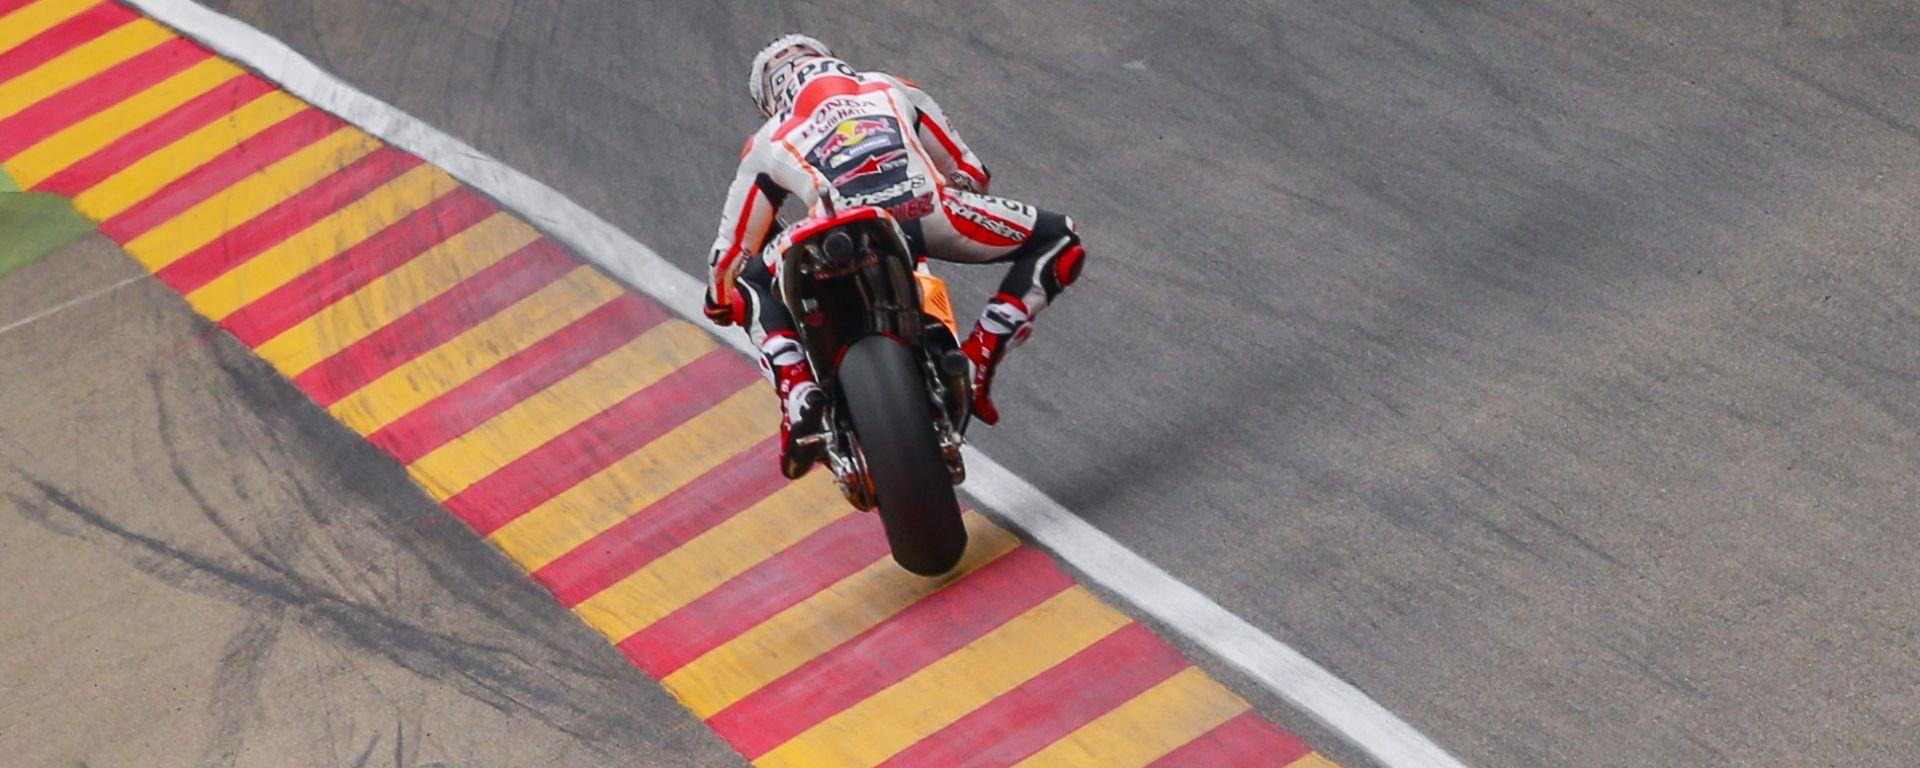 MotoGP Aragon 2016: Marc Marquez domina le qualifiche, Vinales secondo e Lorenzo terzo